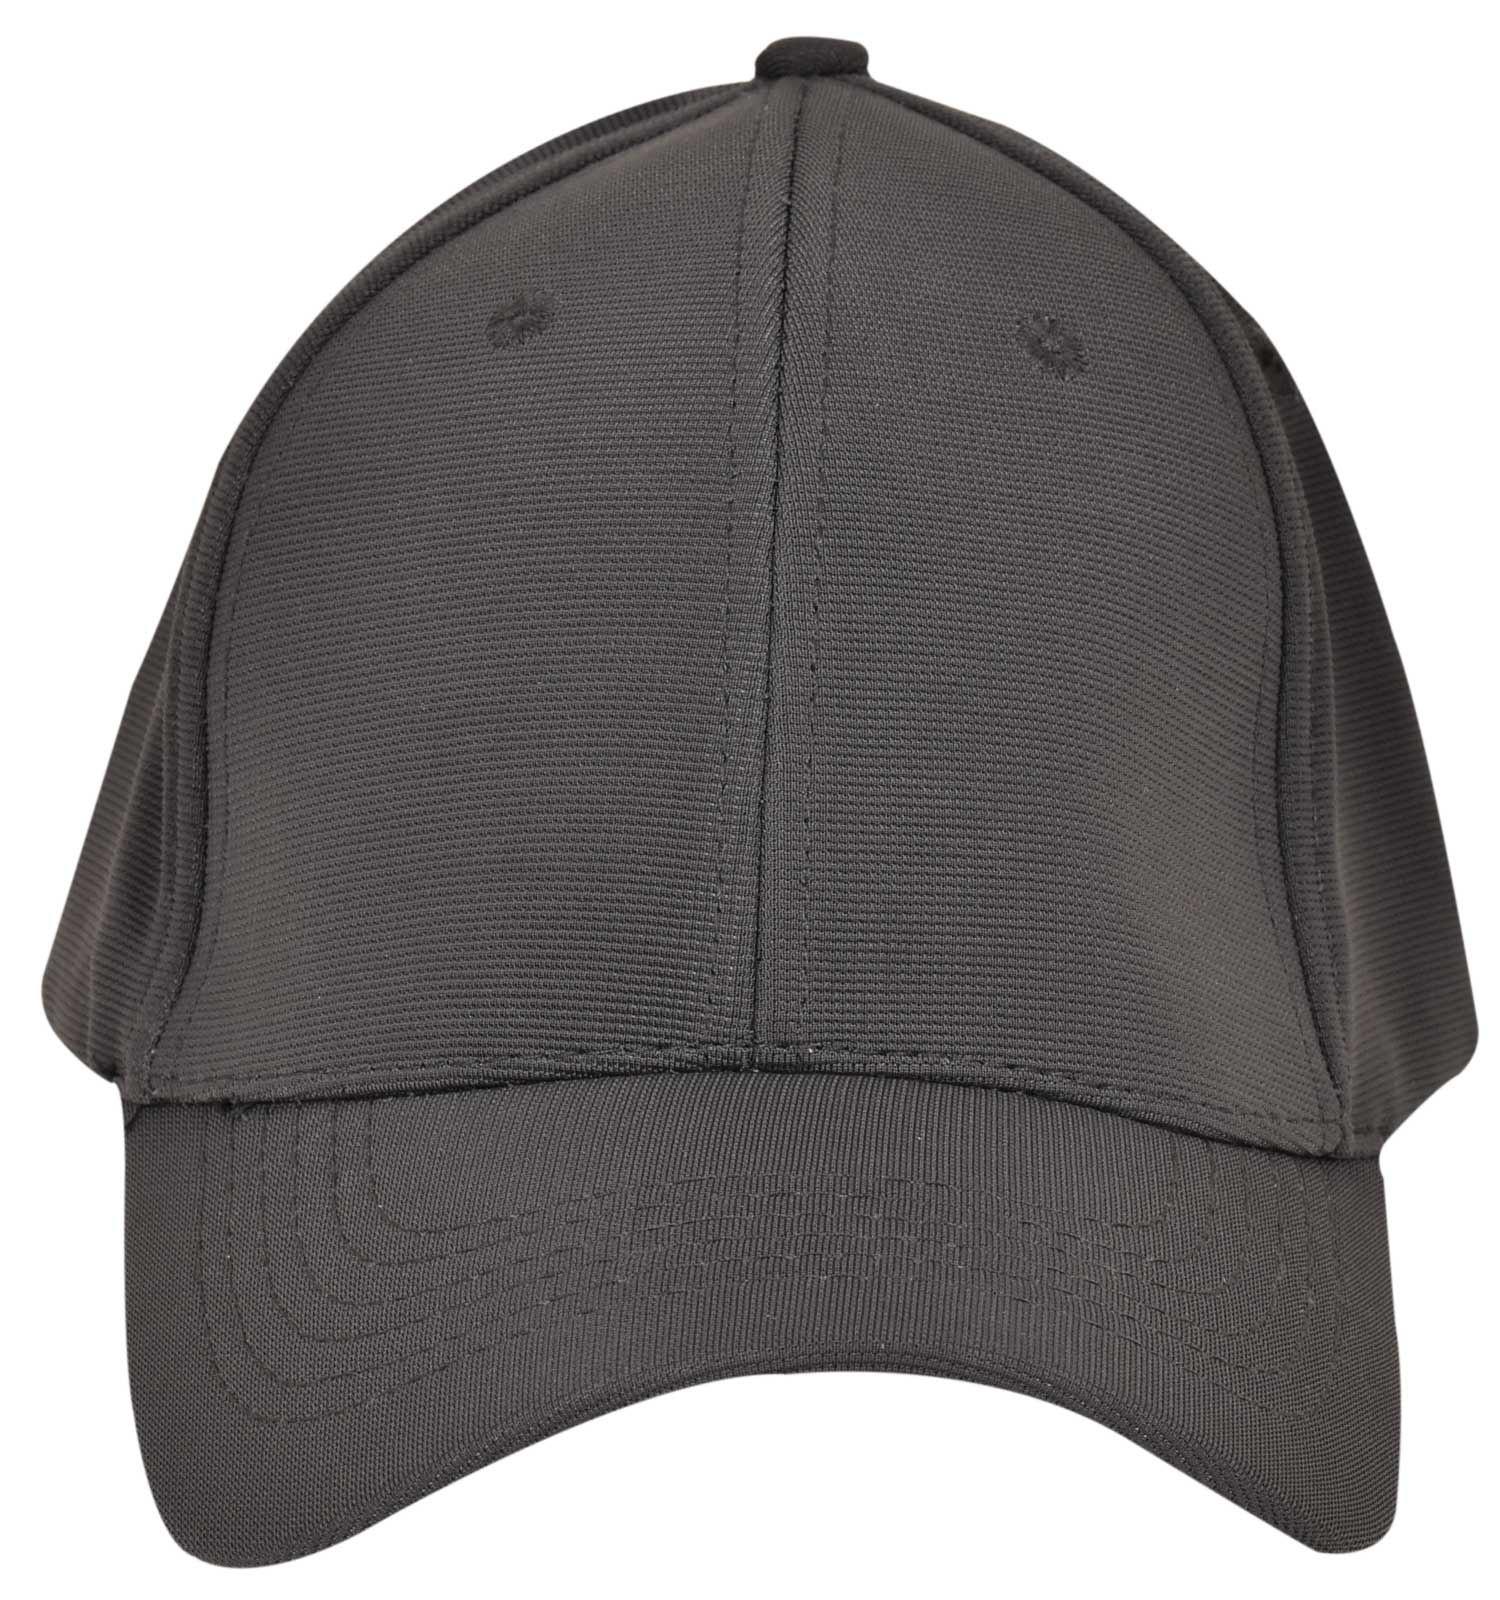 Mens Womens Plain Baseball Caps Adjustable Peak  Sports Summer Visor Sunhat